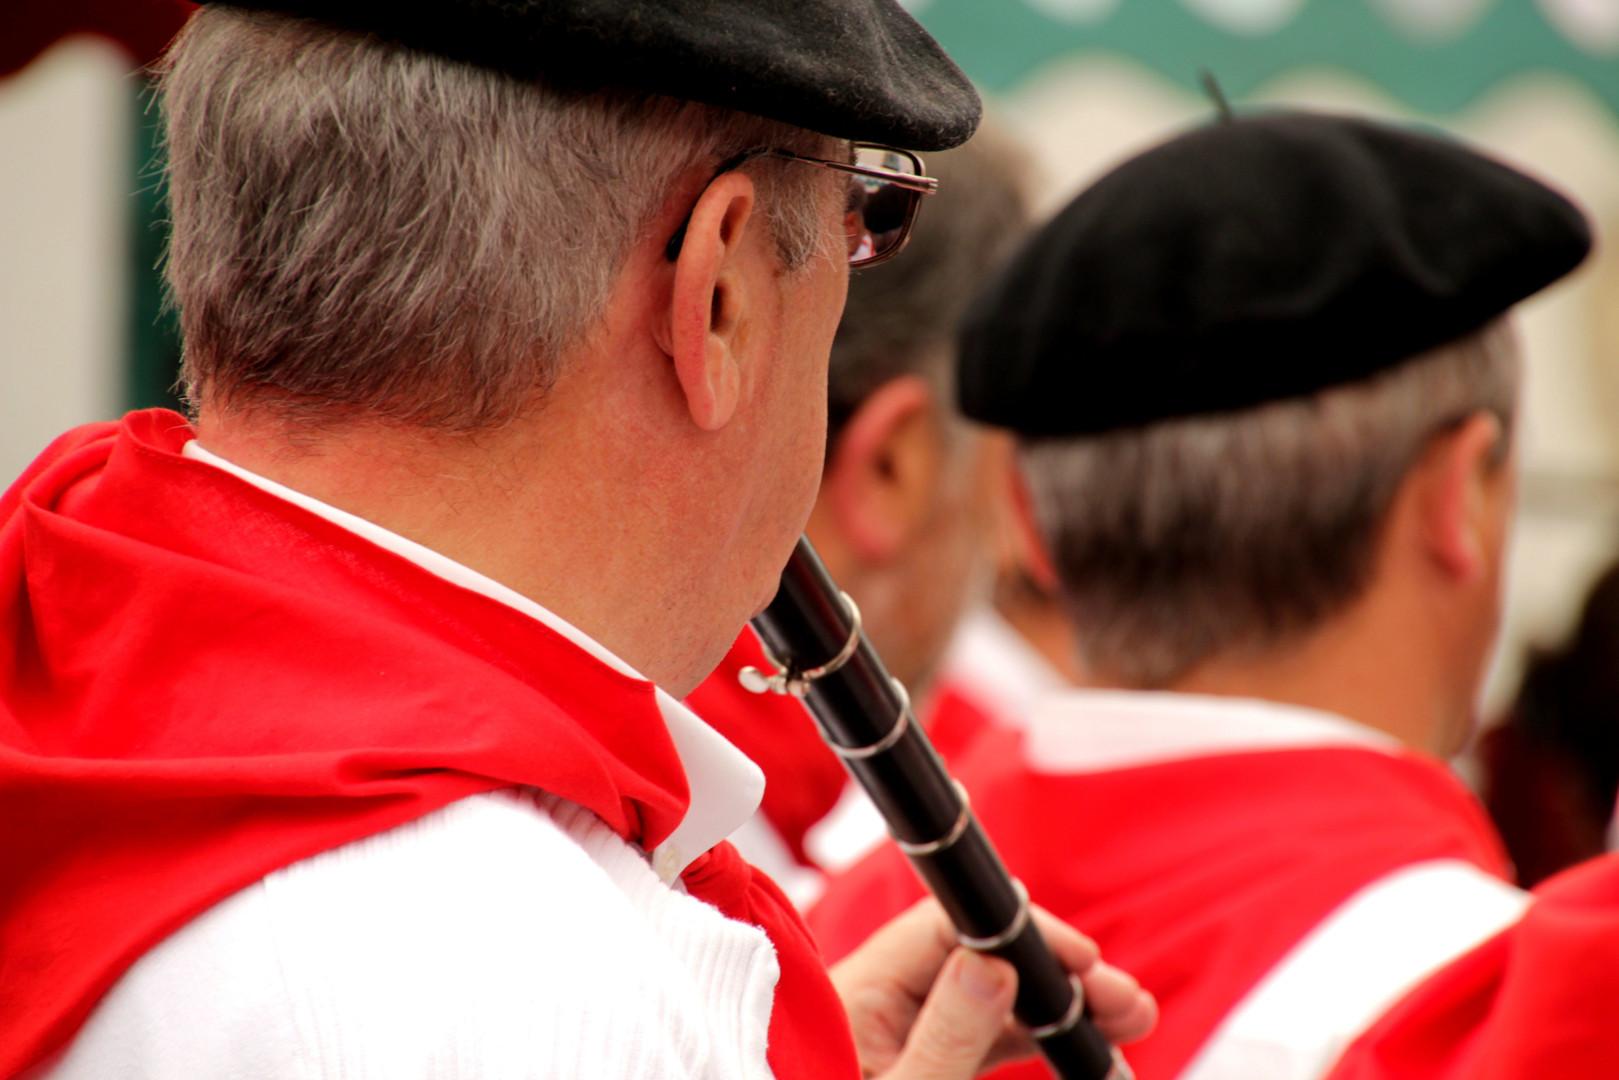 Banda basque joueur txistu